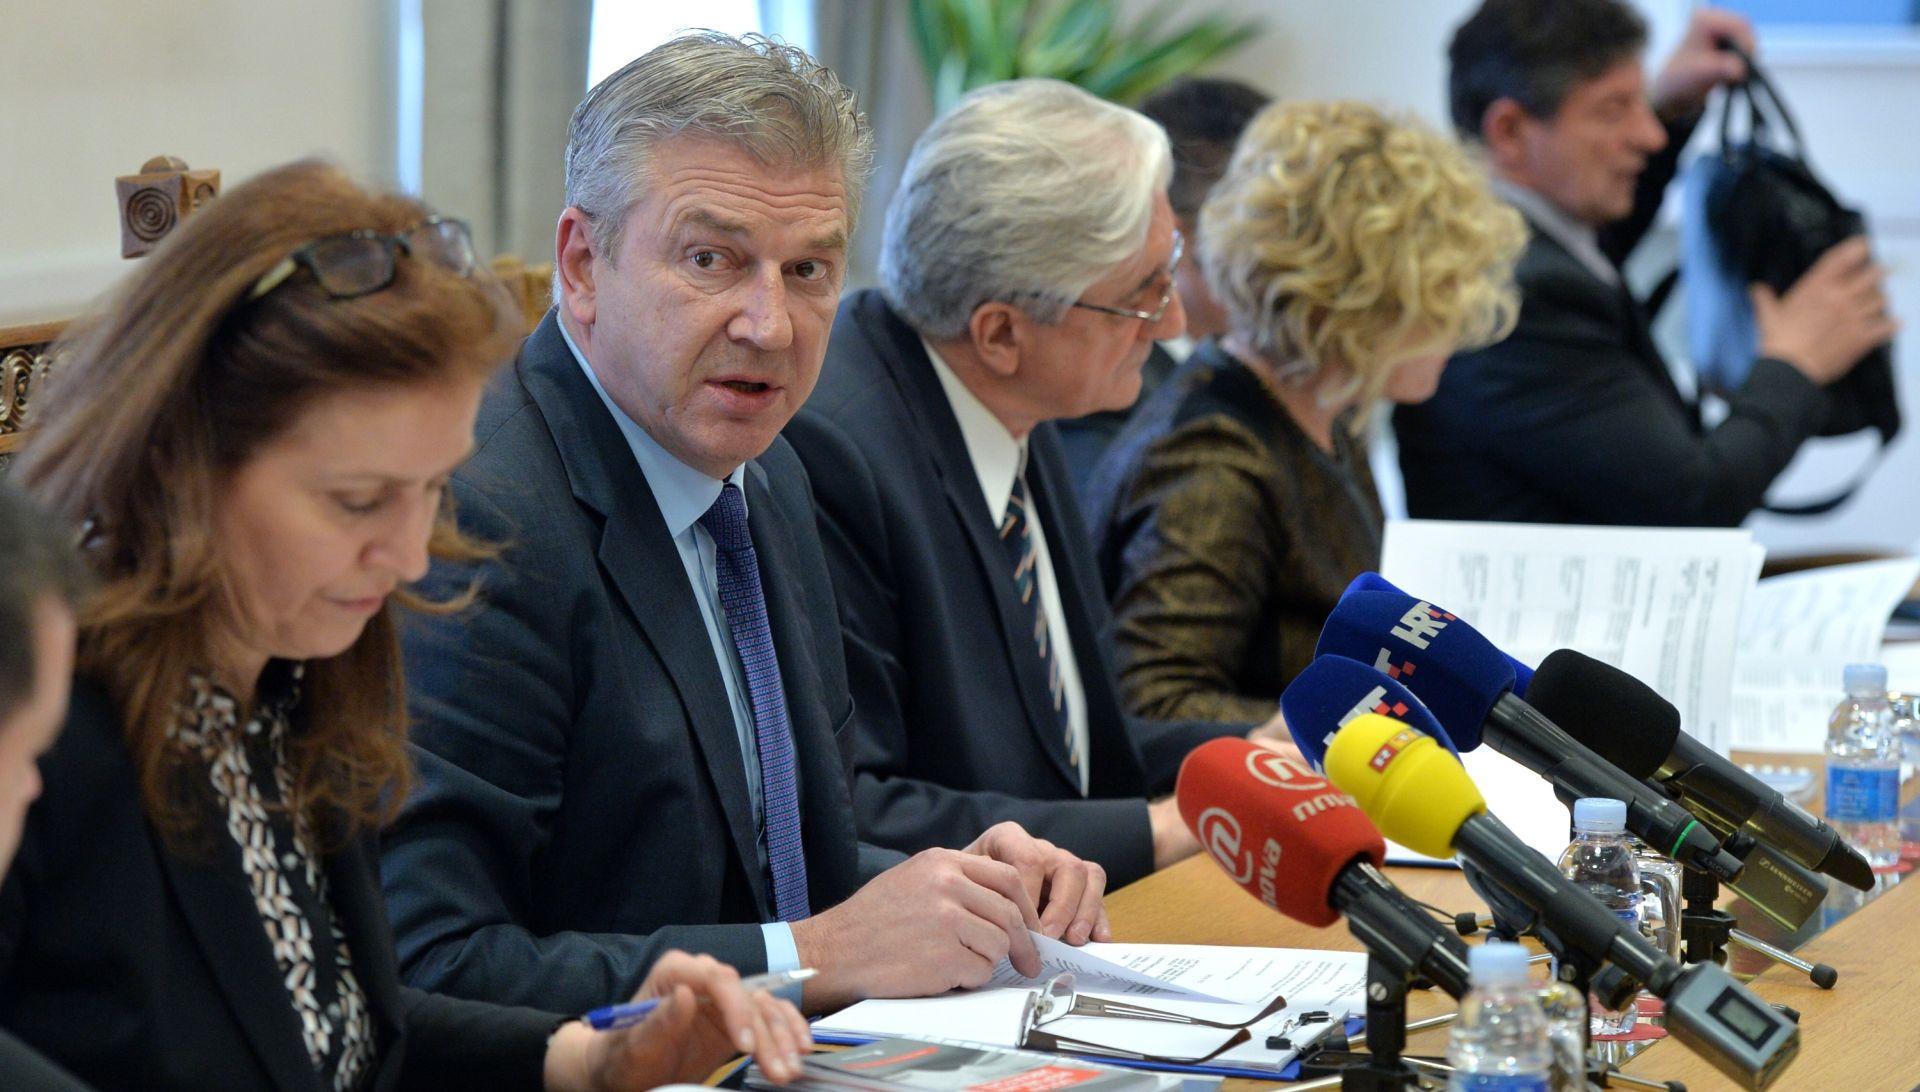 Lozančićevo izvješće bez dovoljne potpore na saborskom odboru